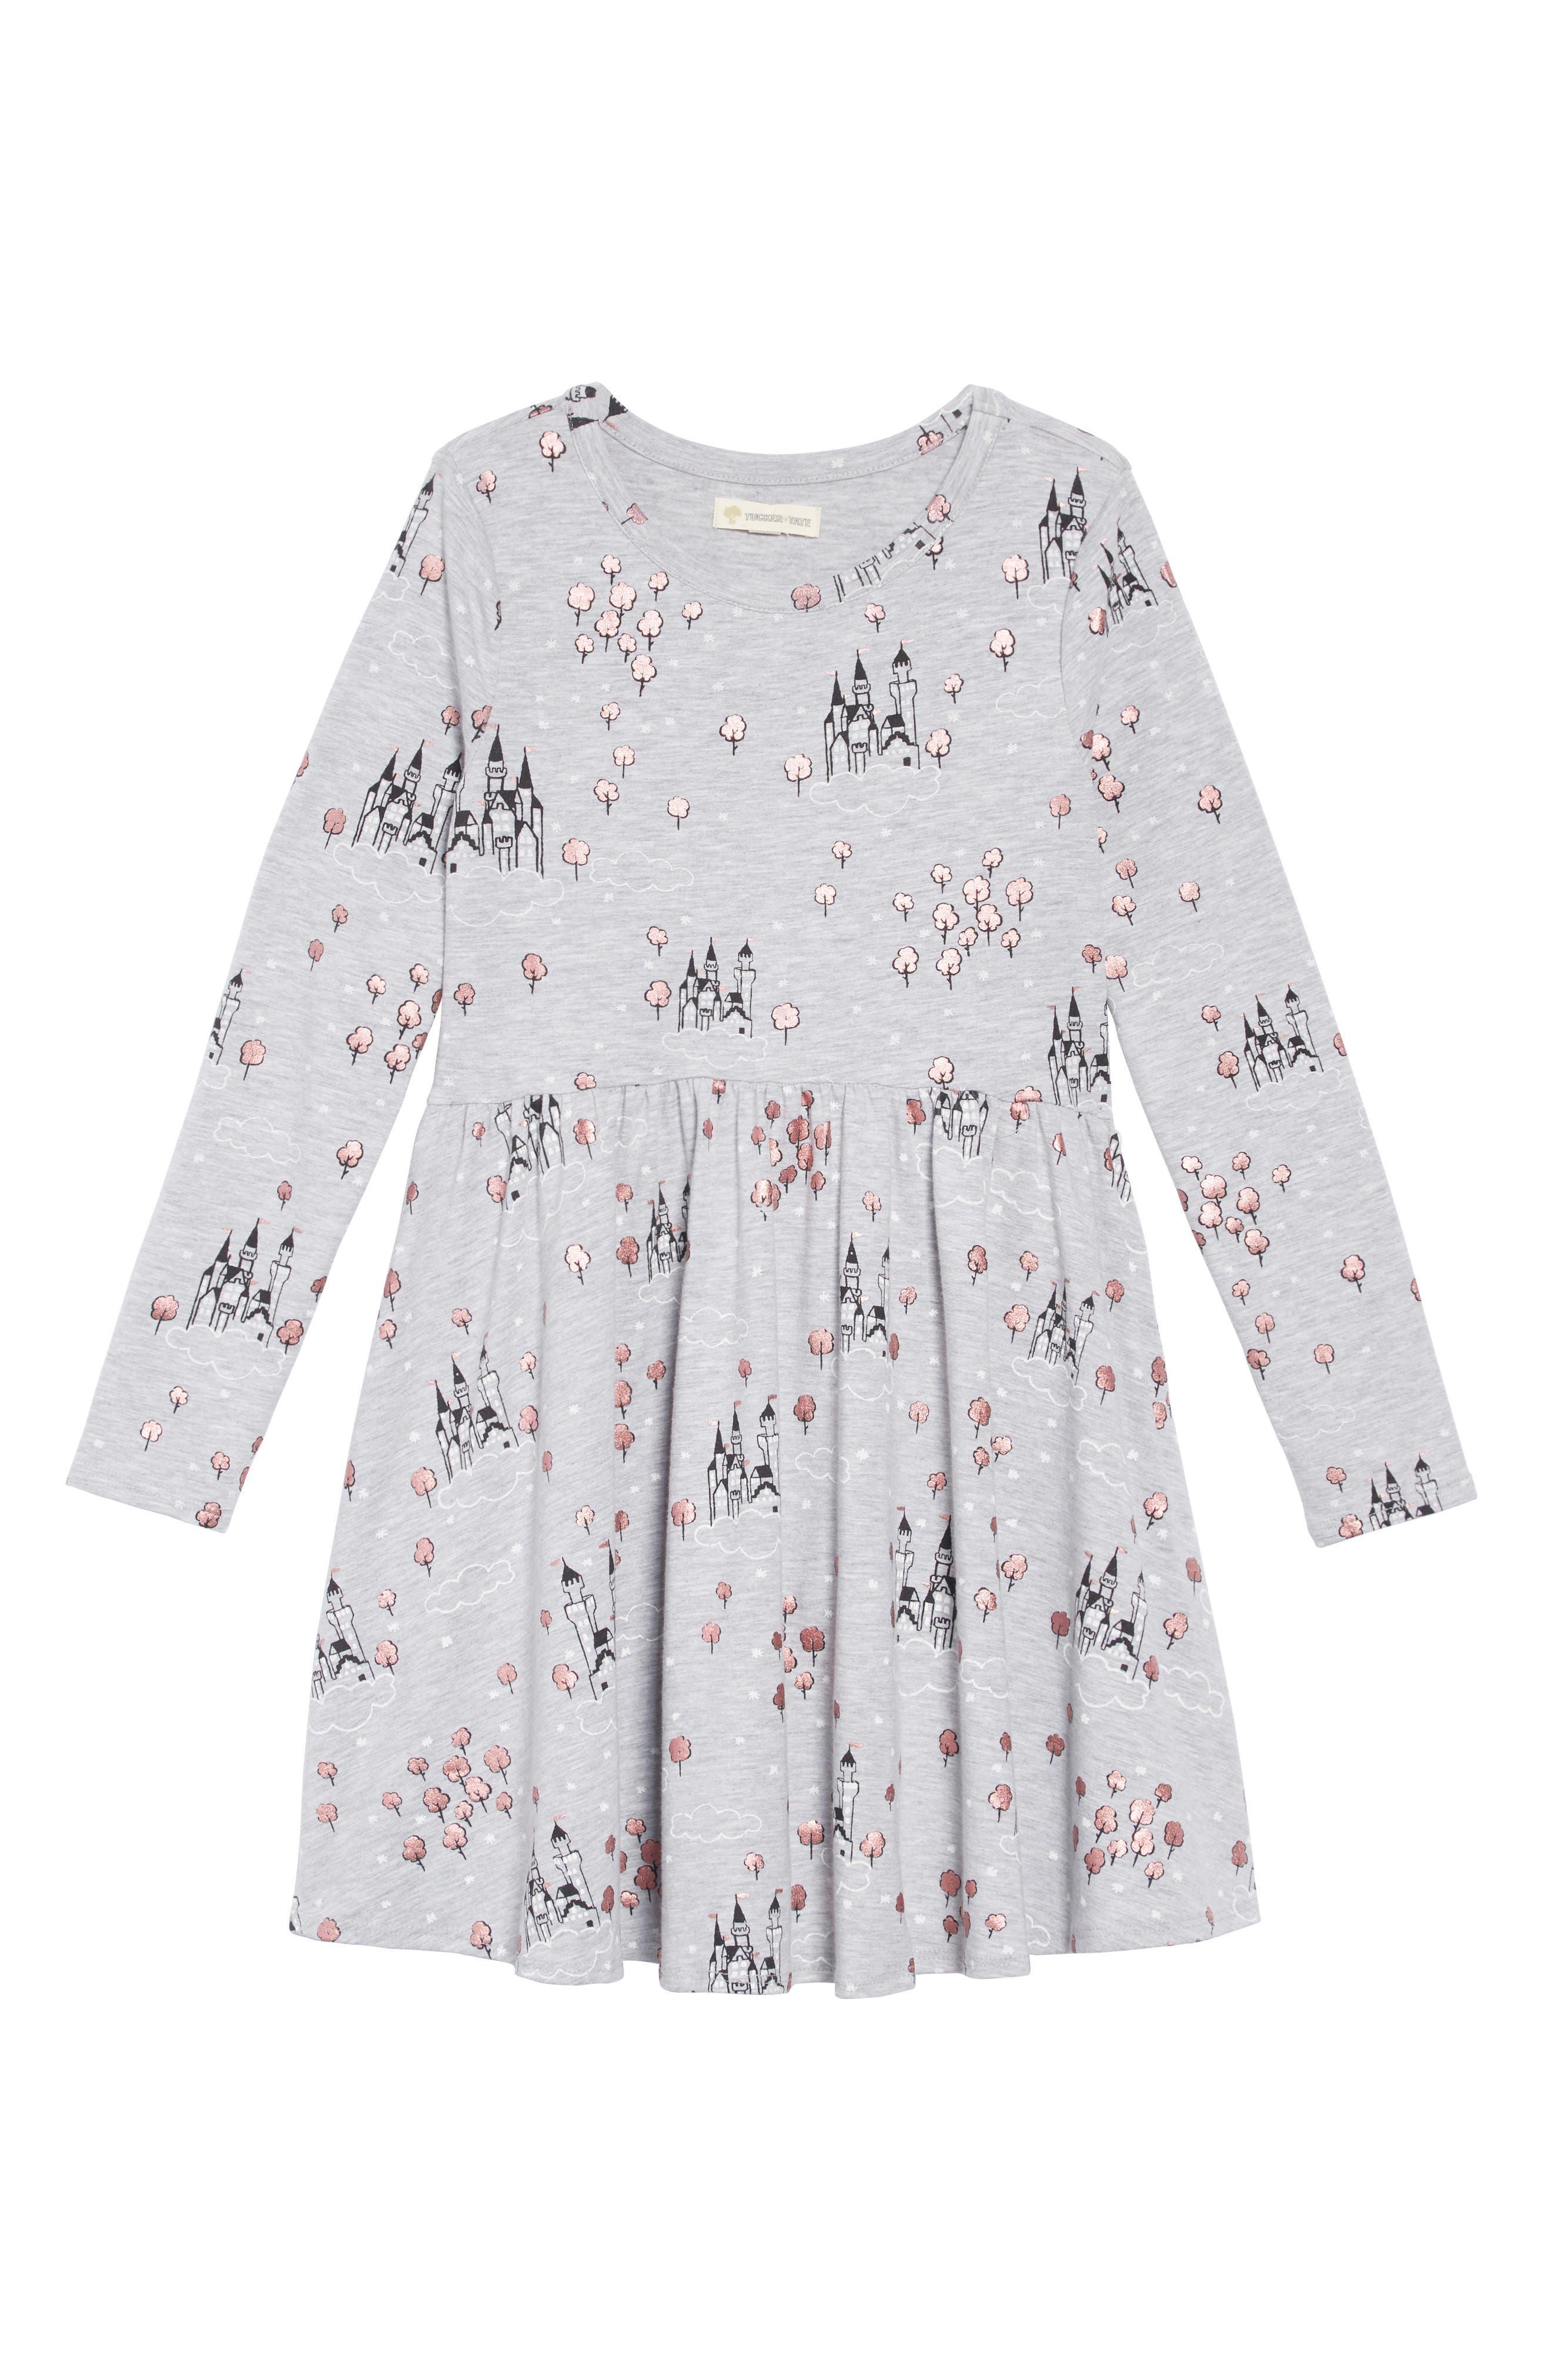 Print Knit Dress,                         Main,                         color, GREY ASH HEATHER CASTLE